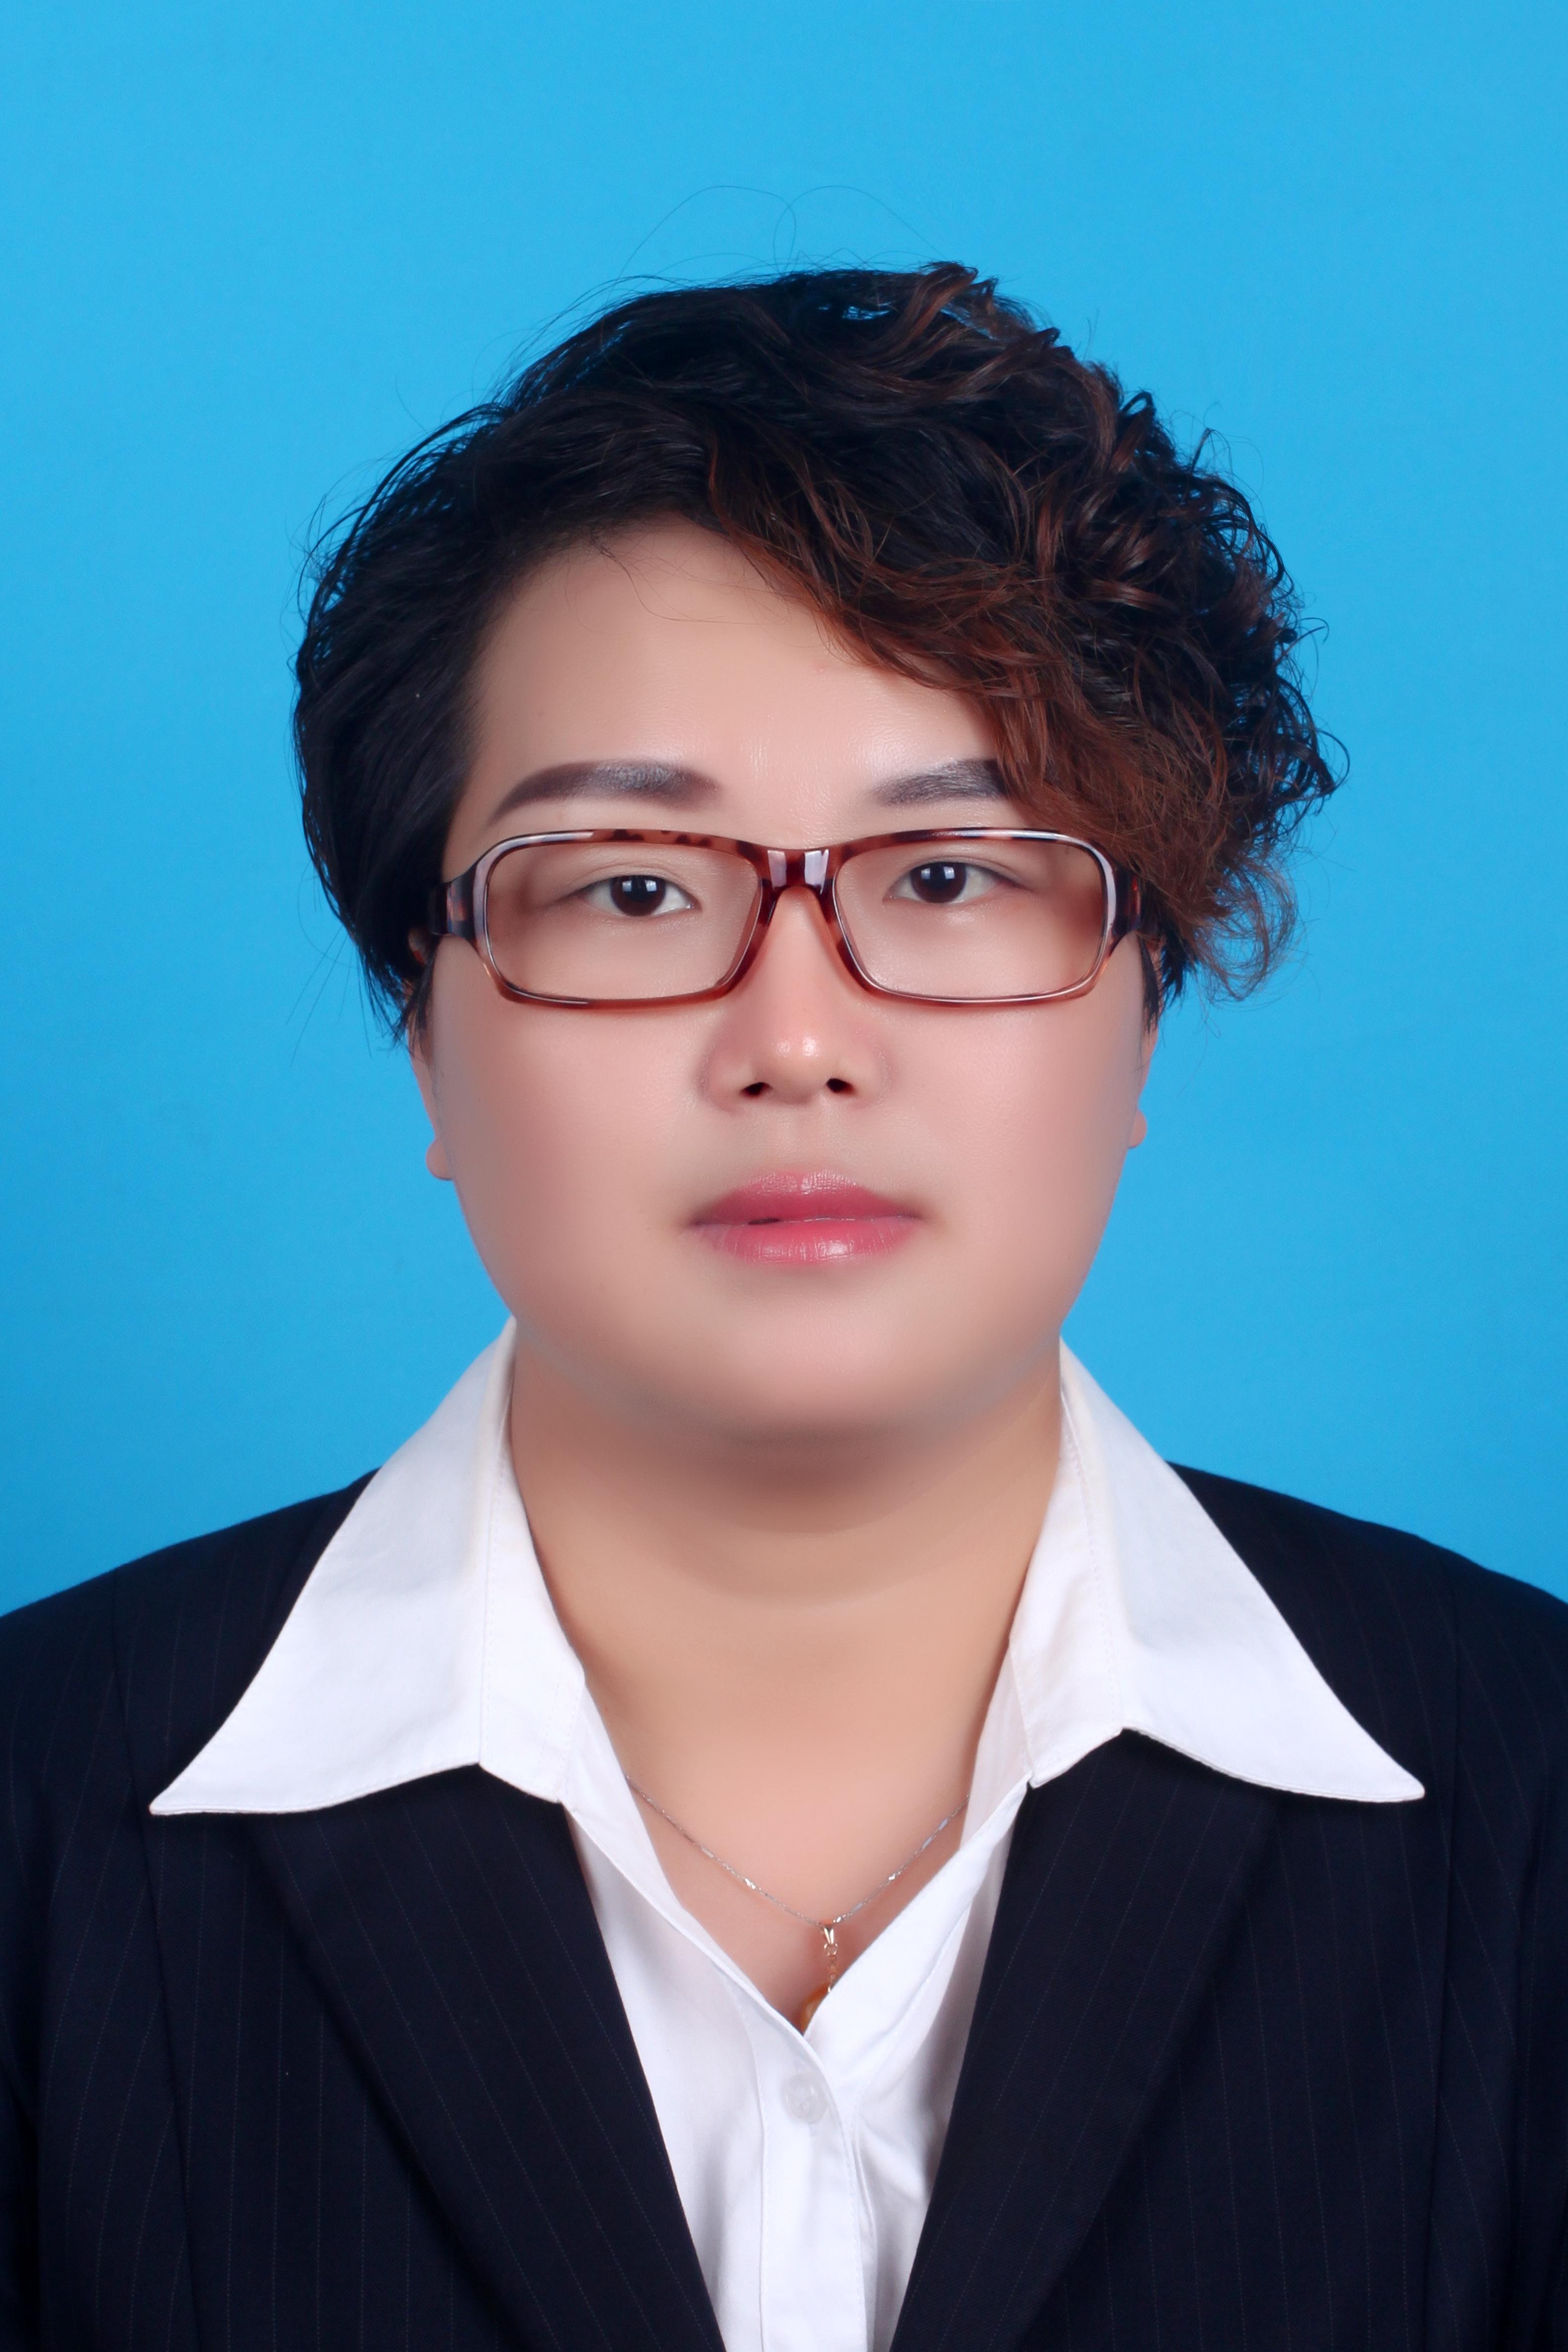 浙江绍兴上虞平安保险代理人李亚芳的个人名片